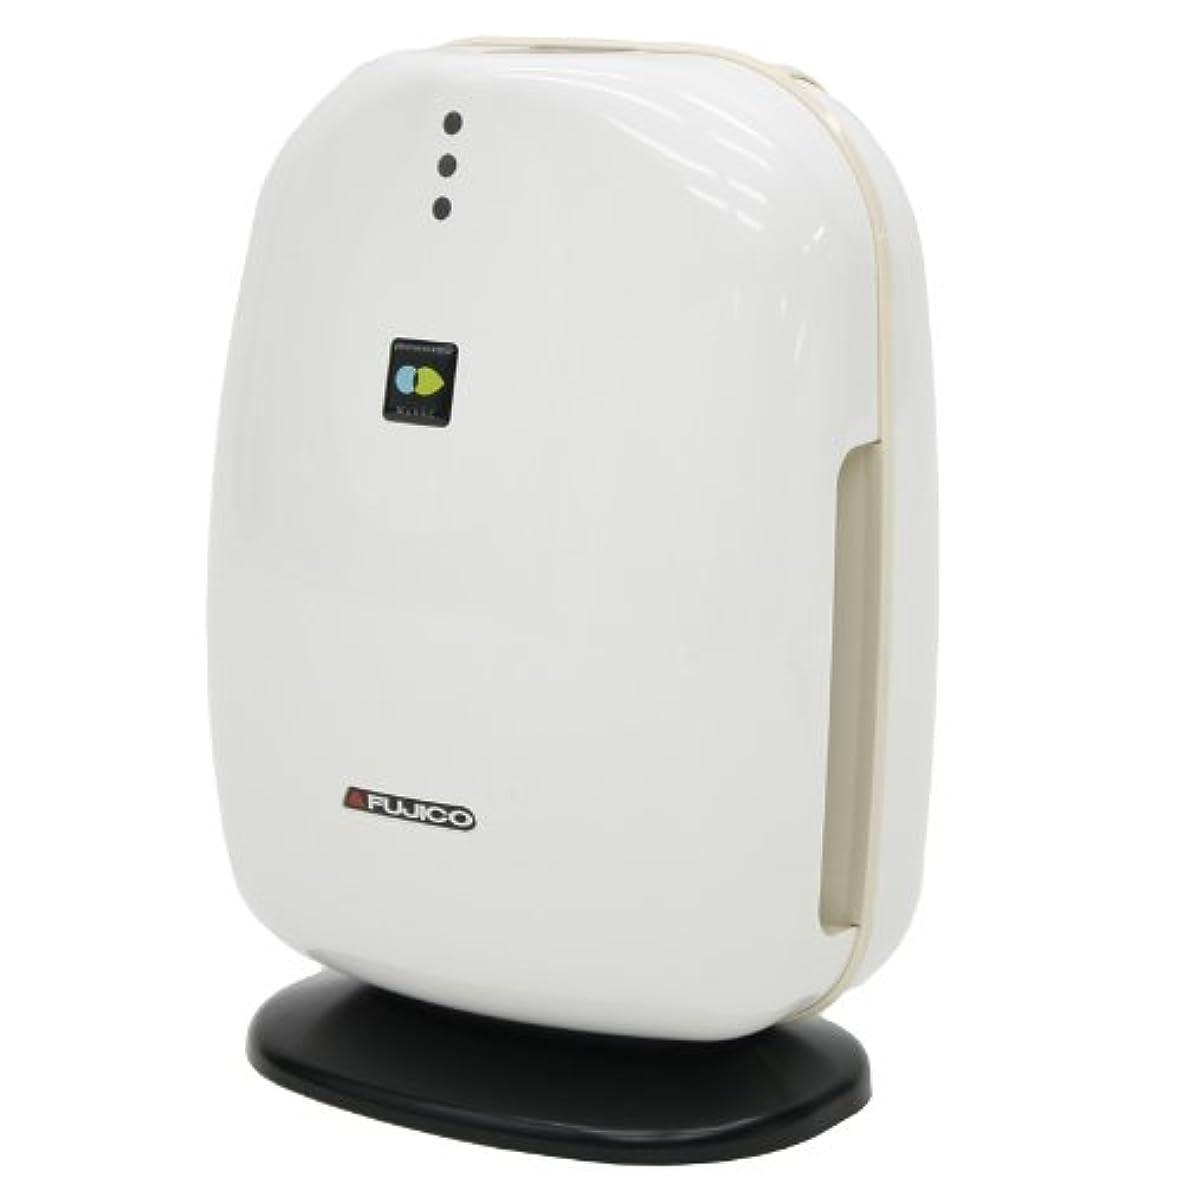 成功ペナルティオデュッセウス空気消臭除菌装置マスククリーンMC-V2 ベージュ